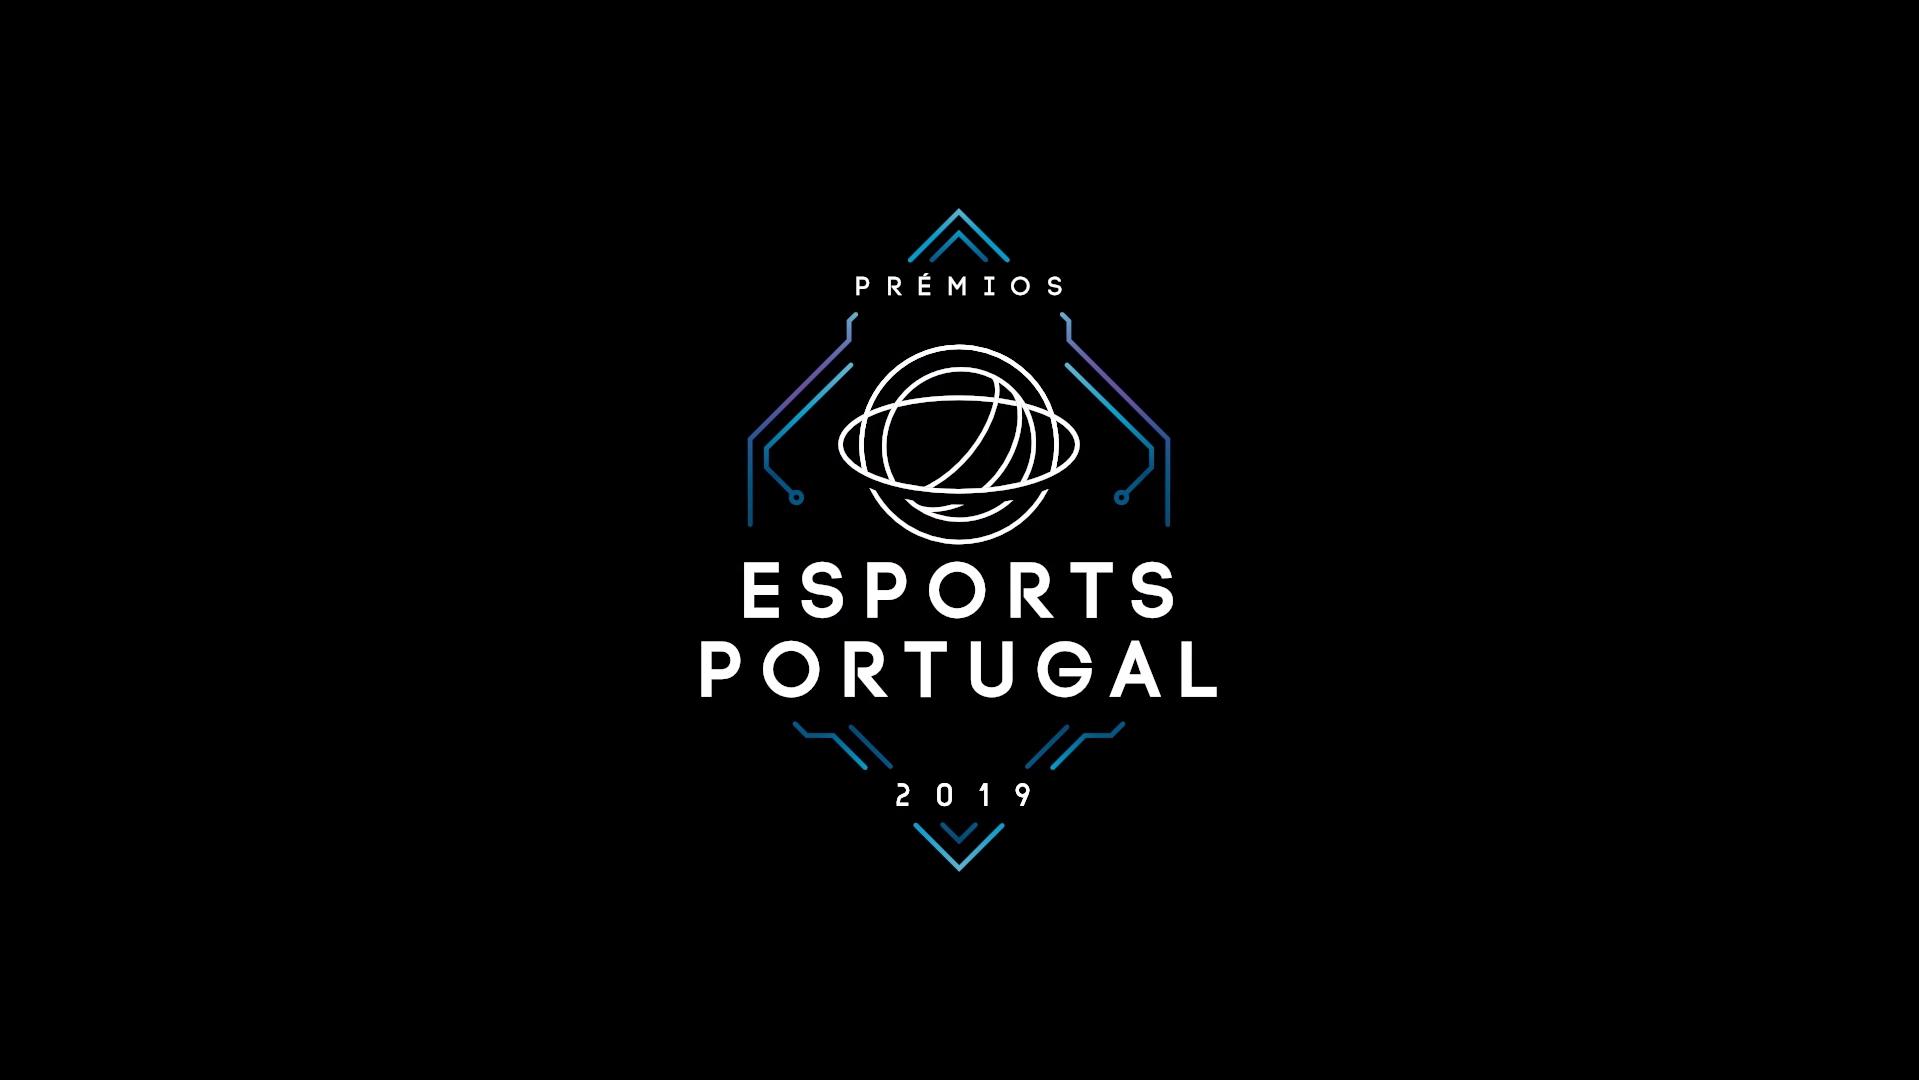 Vencedores 1ª Gala Prémios Esports Portugal 2019